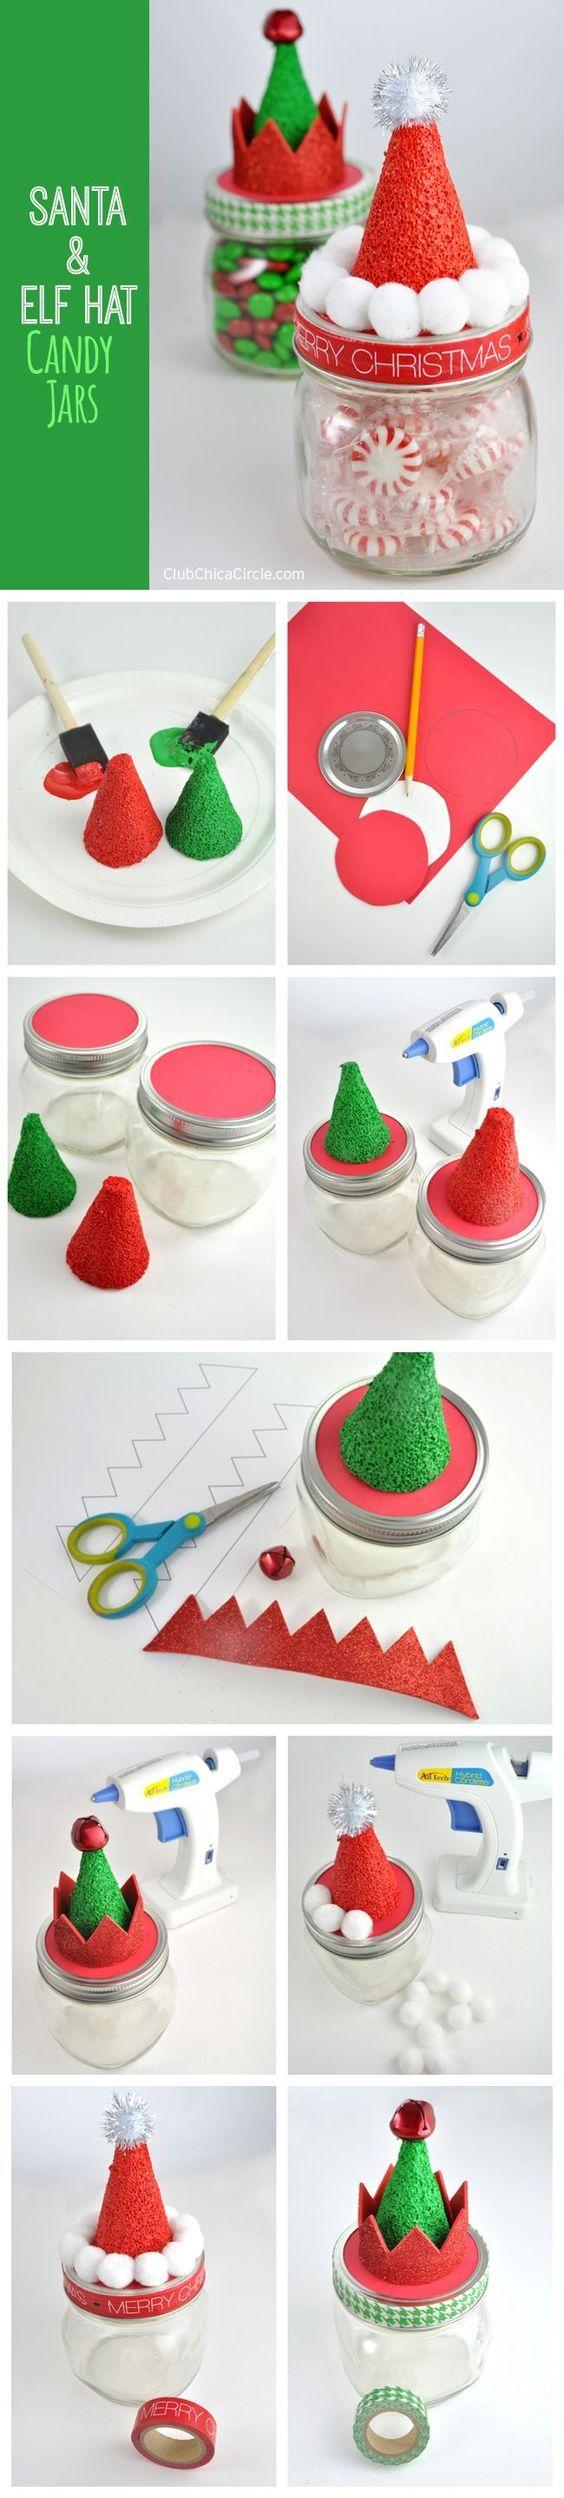 Hausgemachte Weihnachtsgeschenkideen & Tutorials #cheapgiftideas